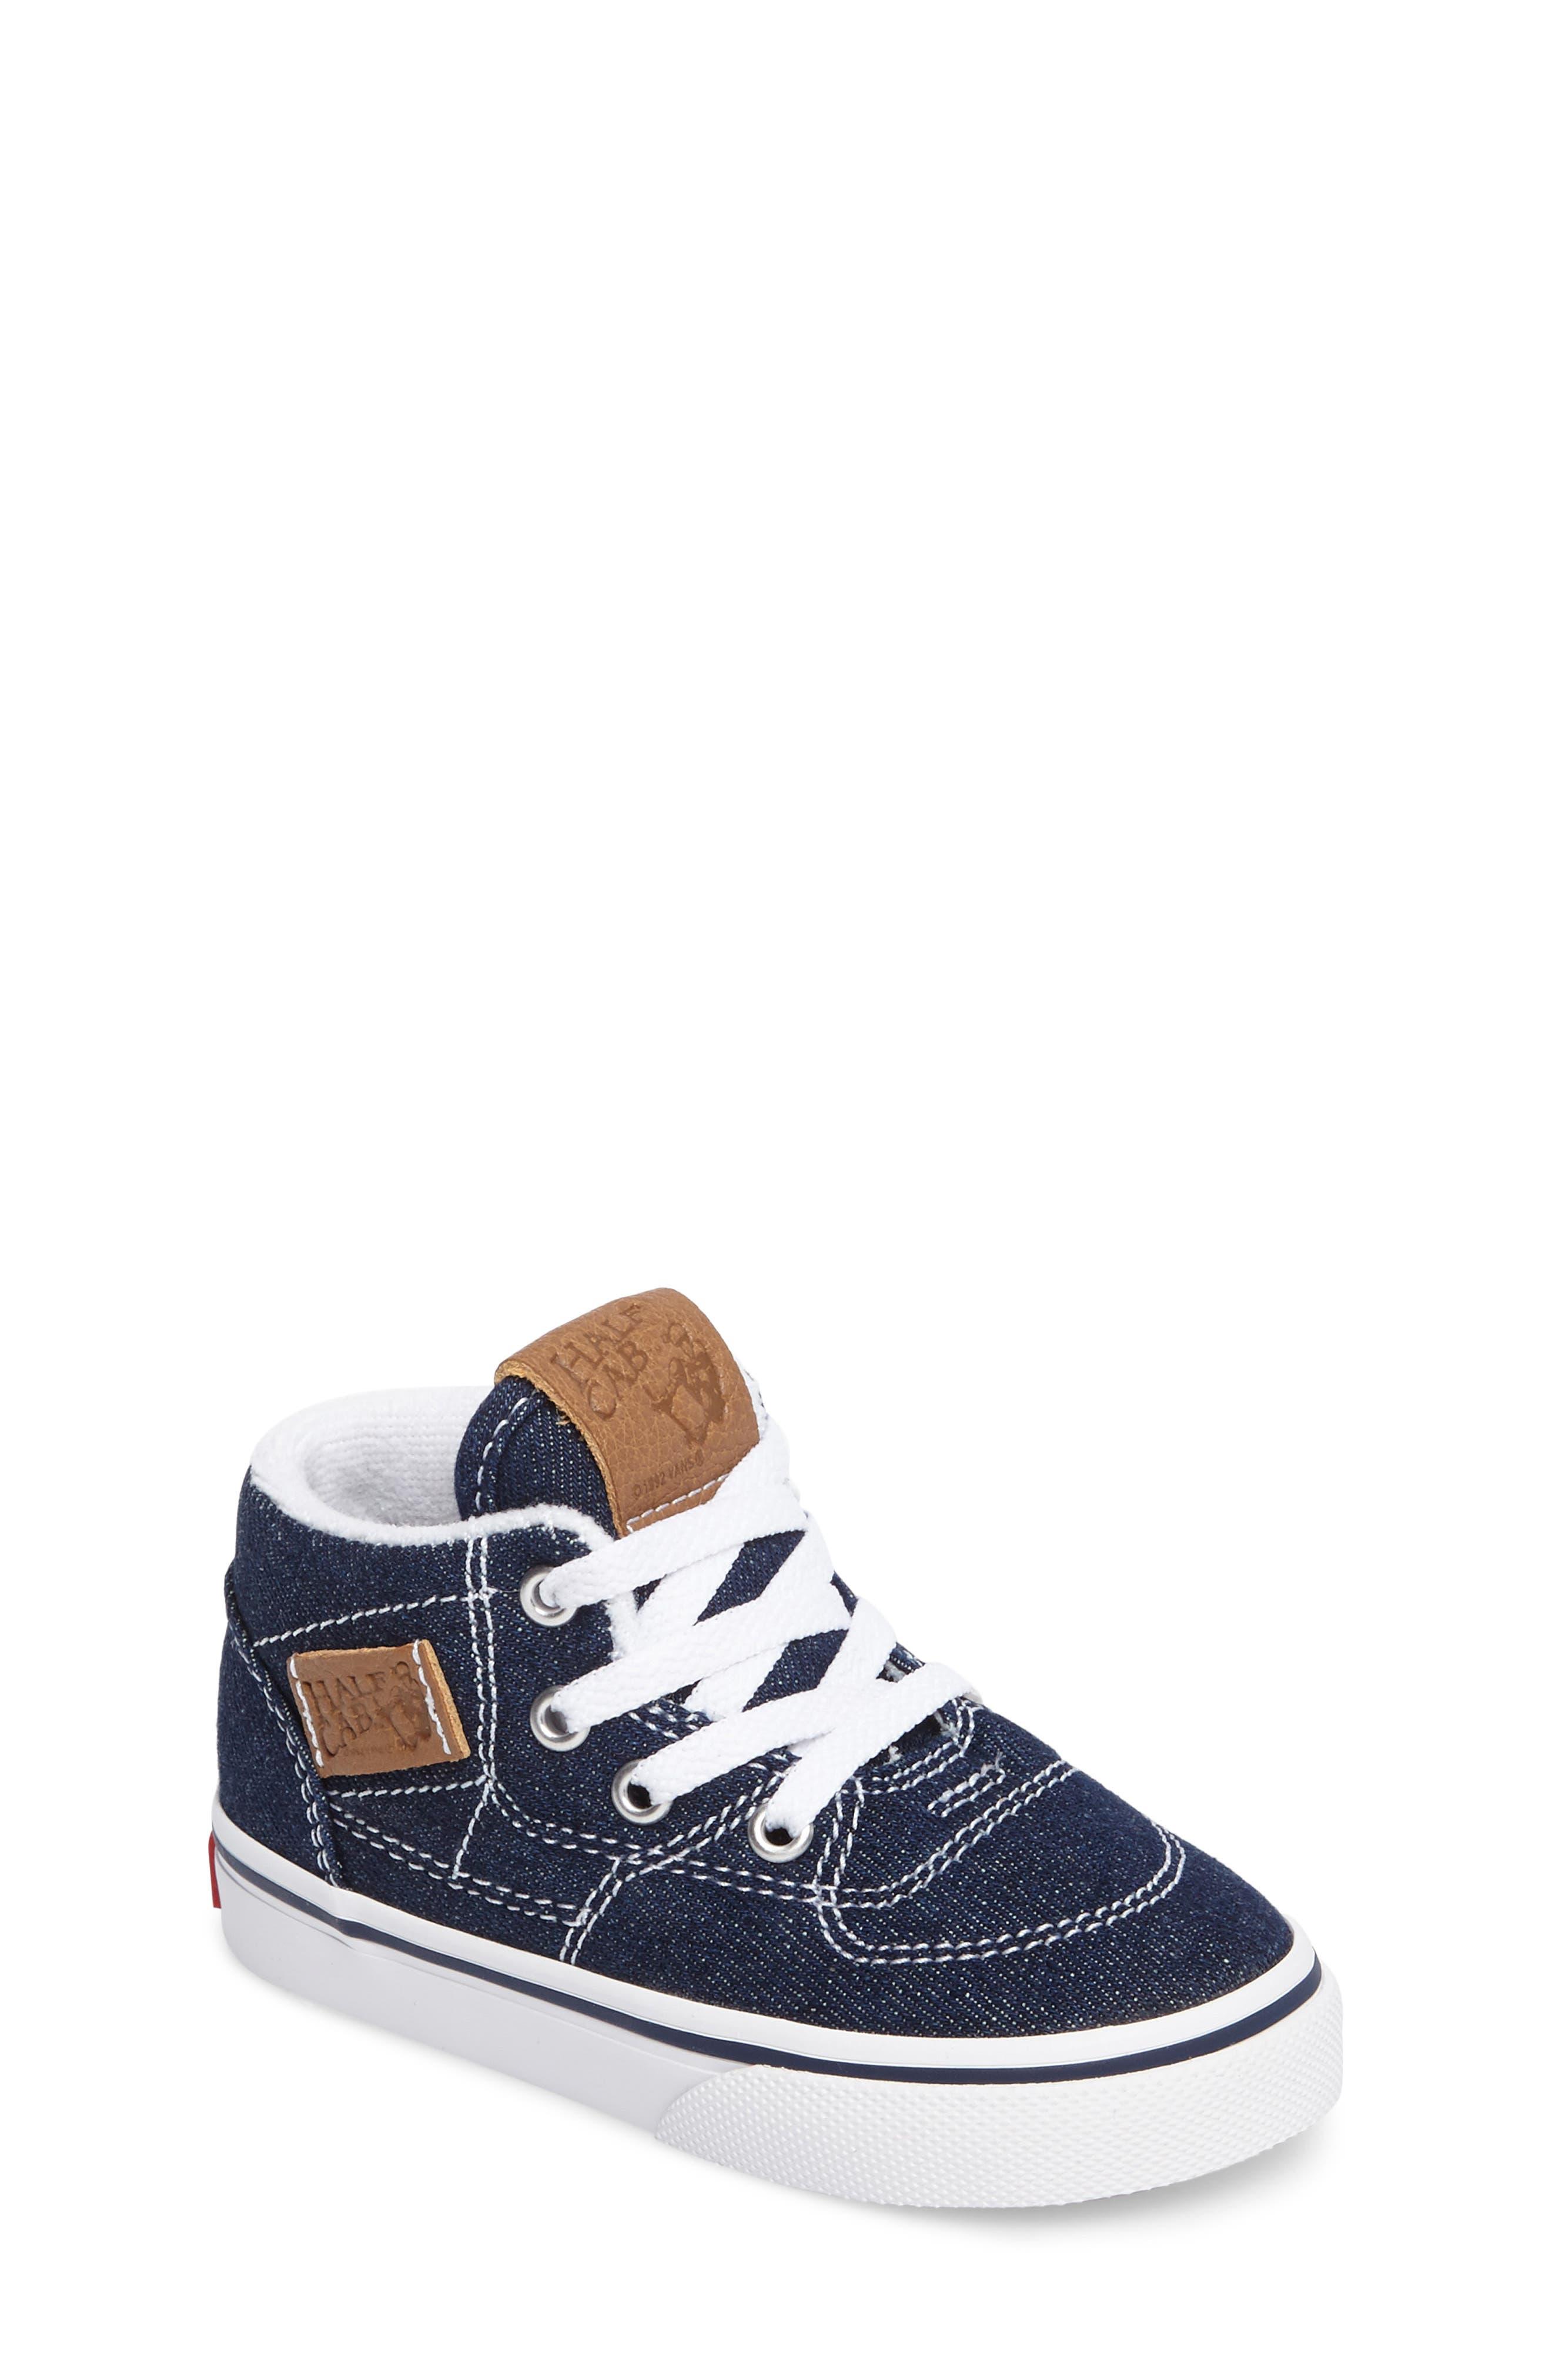 Half Cab Sneaker,                         Main,                         color, 420